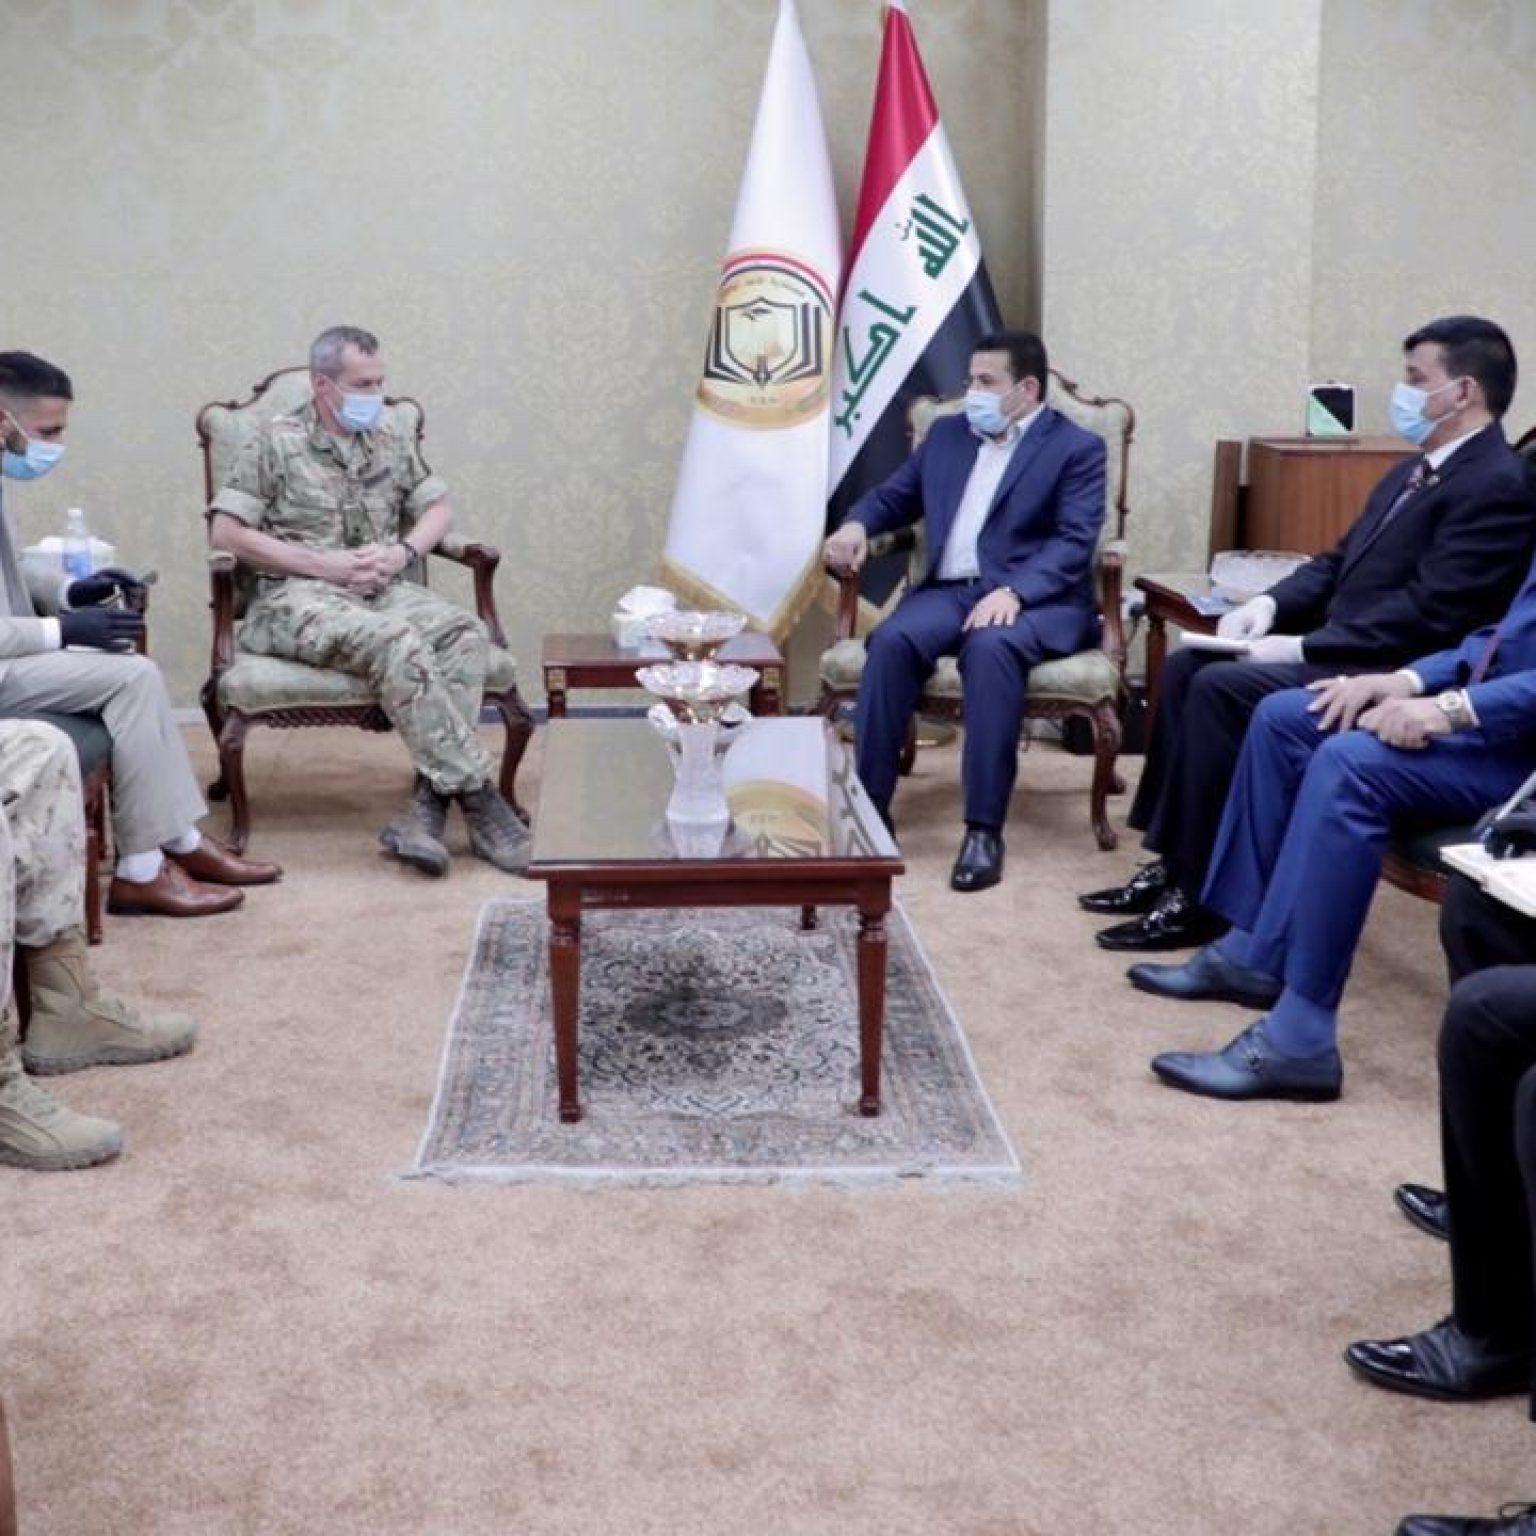 مستشار الامن الوطني قاسم الاعرجي يستقبل نائب قائد قوات التحالف الدولي